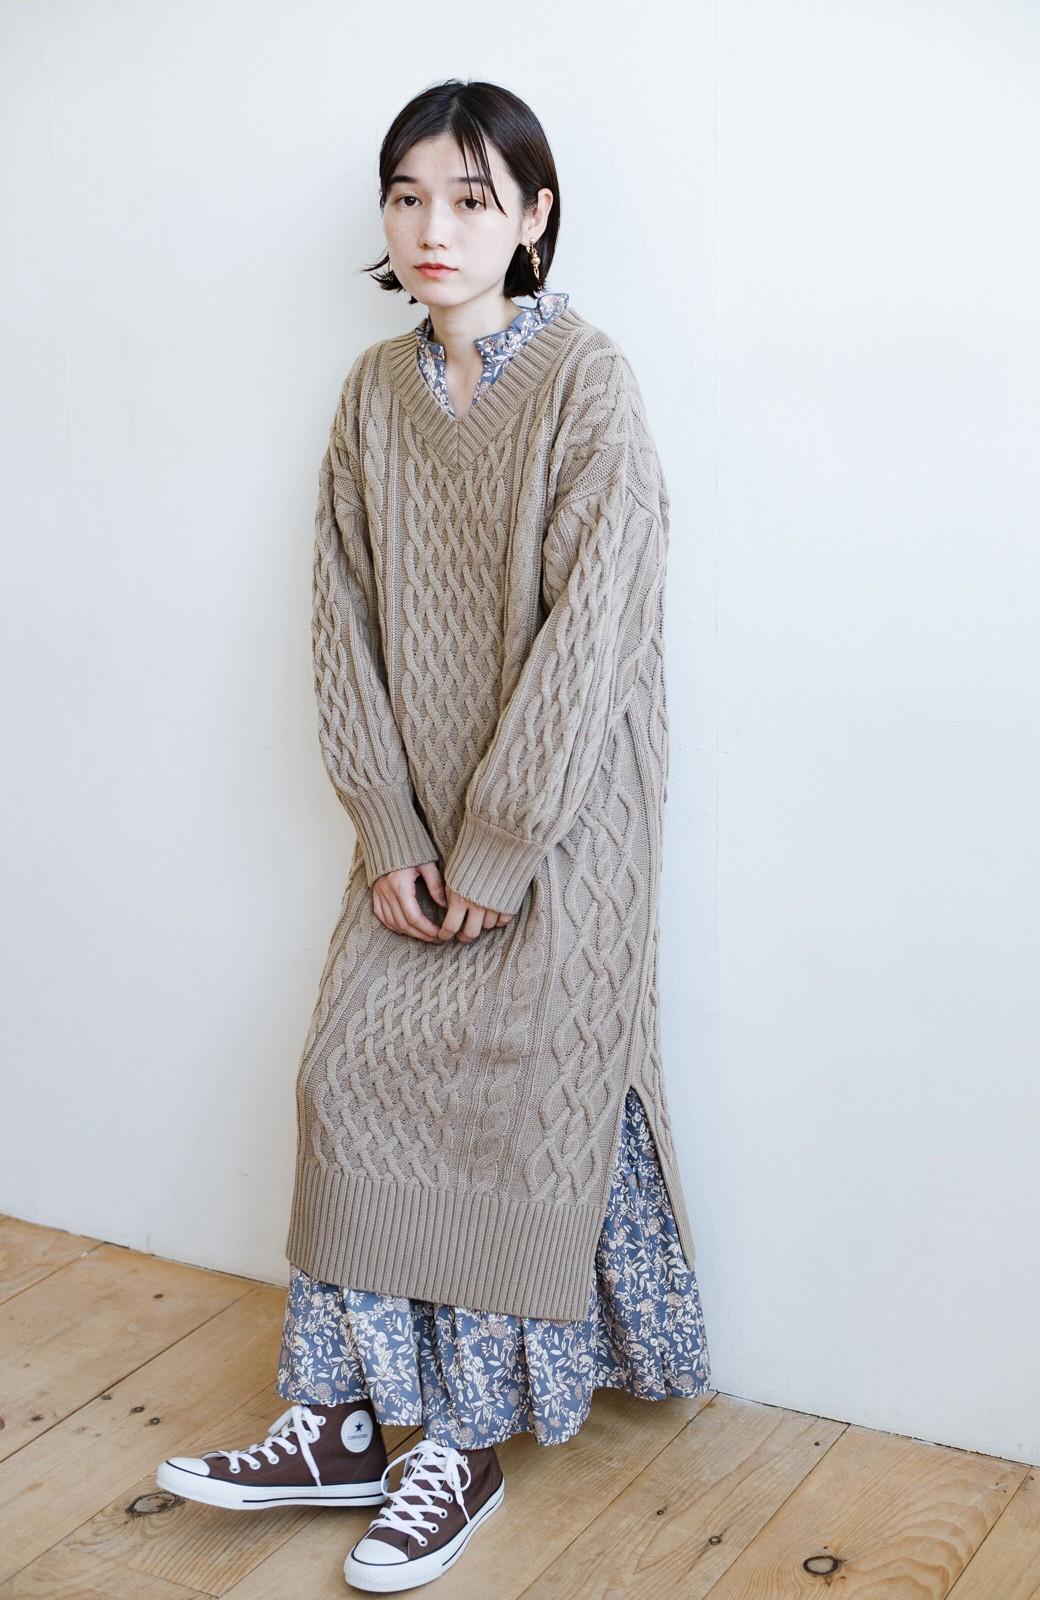 haco! パッと着て絶妙に女っぽい 重ね着にも便利なケーブルニットワンピース <グレイッシュベージュ>の商品写真1